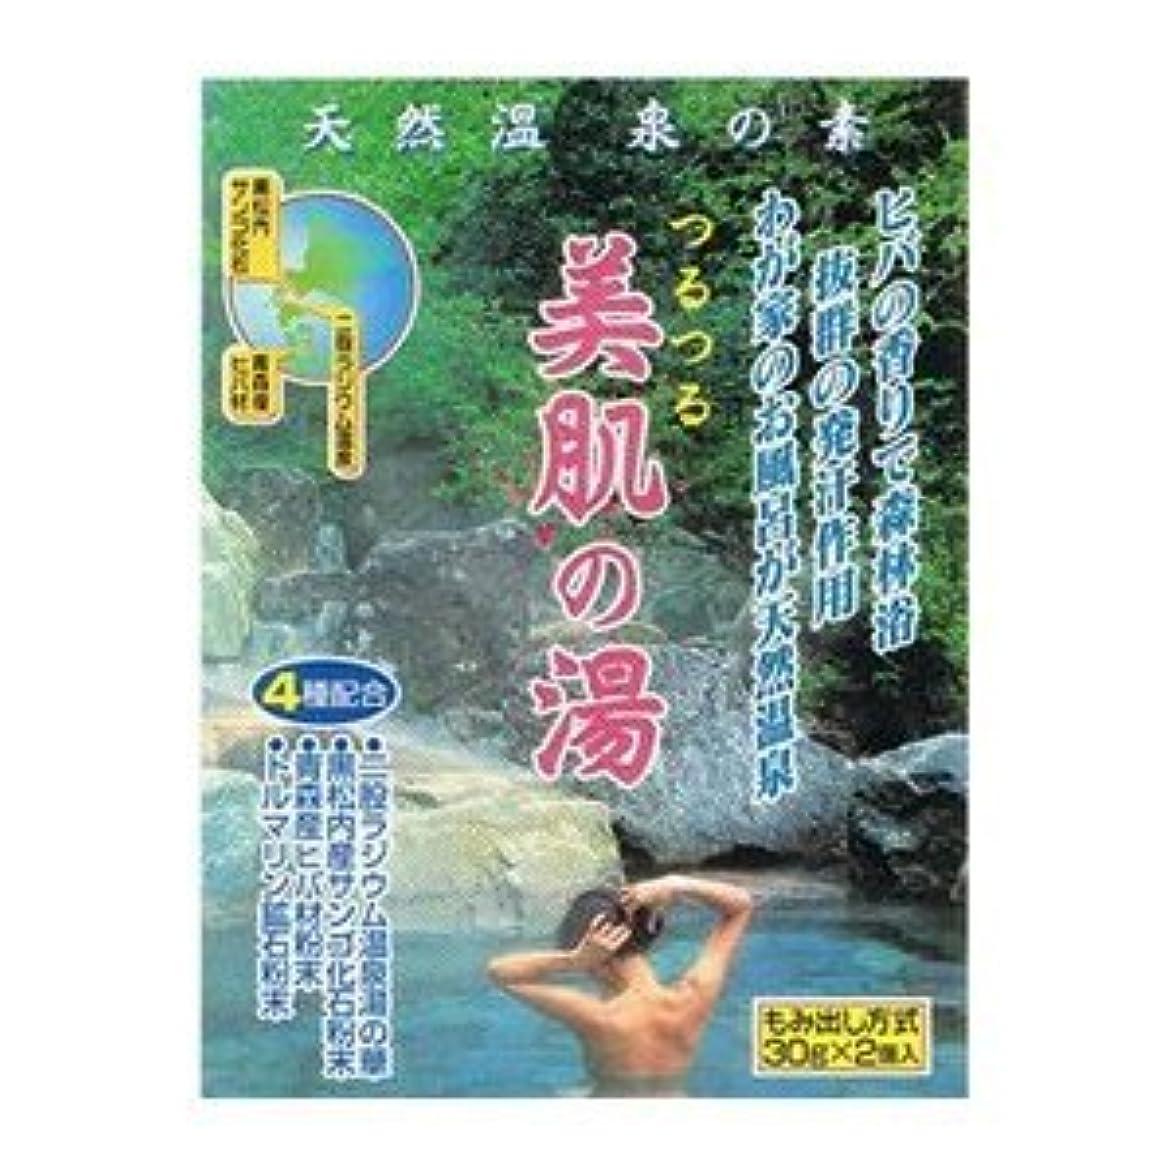 投獄銀河メイト天然温泉の素 美肌の湯 (30g×2個入)×12袋セット